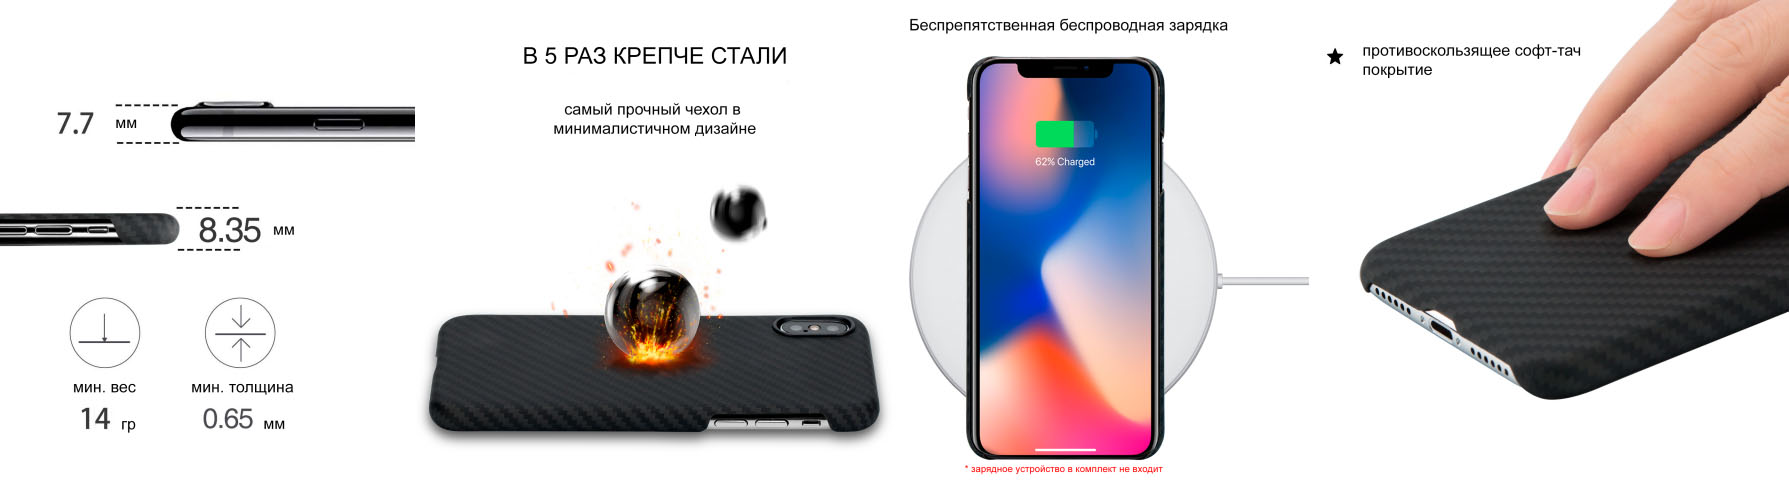 Чехол Pitaka MagCase, карбоновый, чёрный для iPhone X